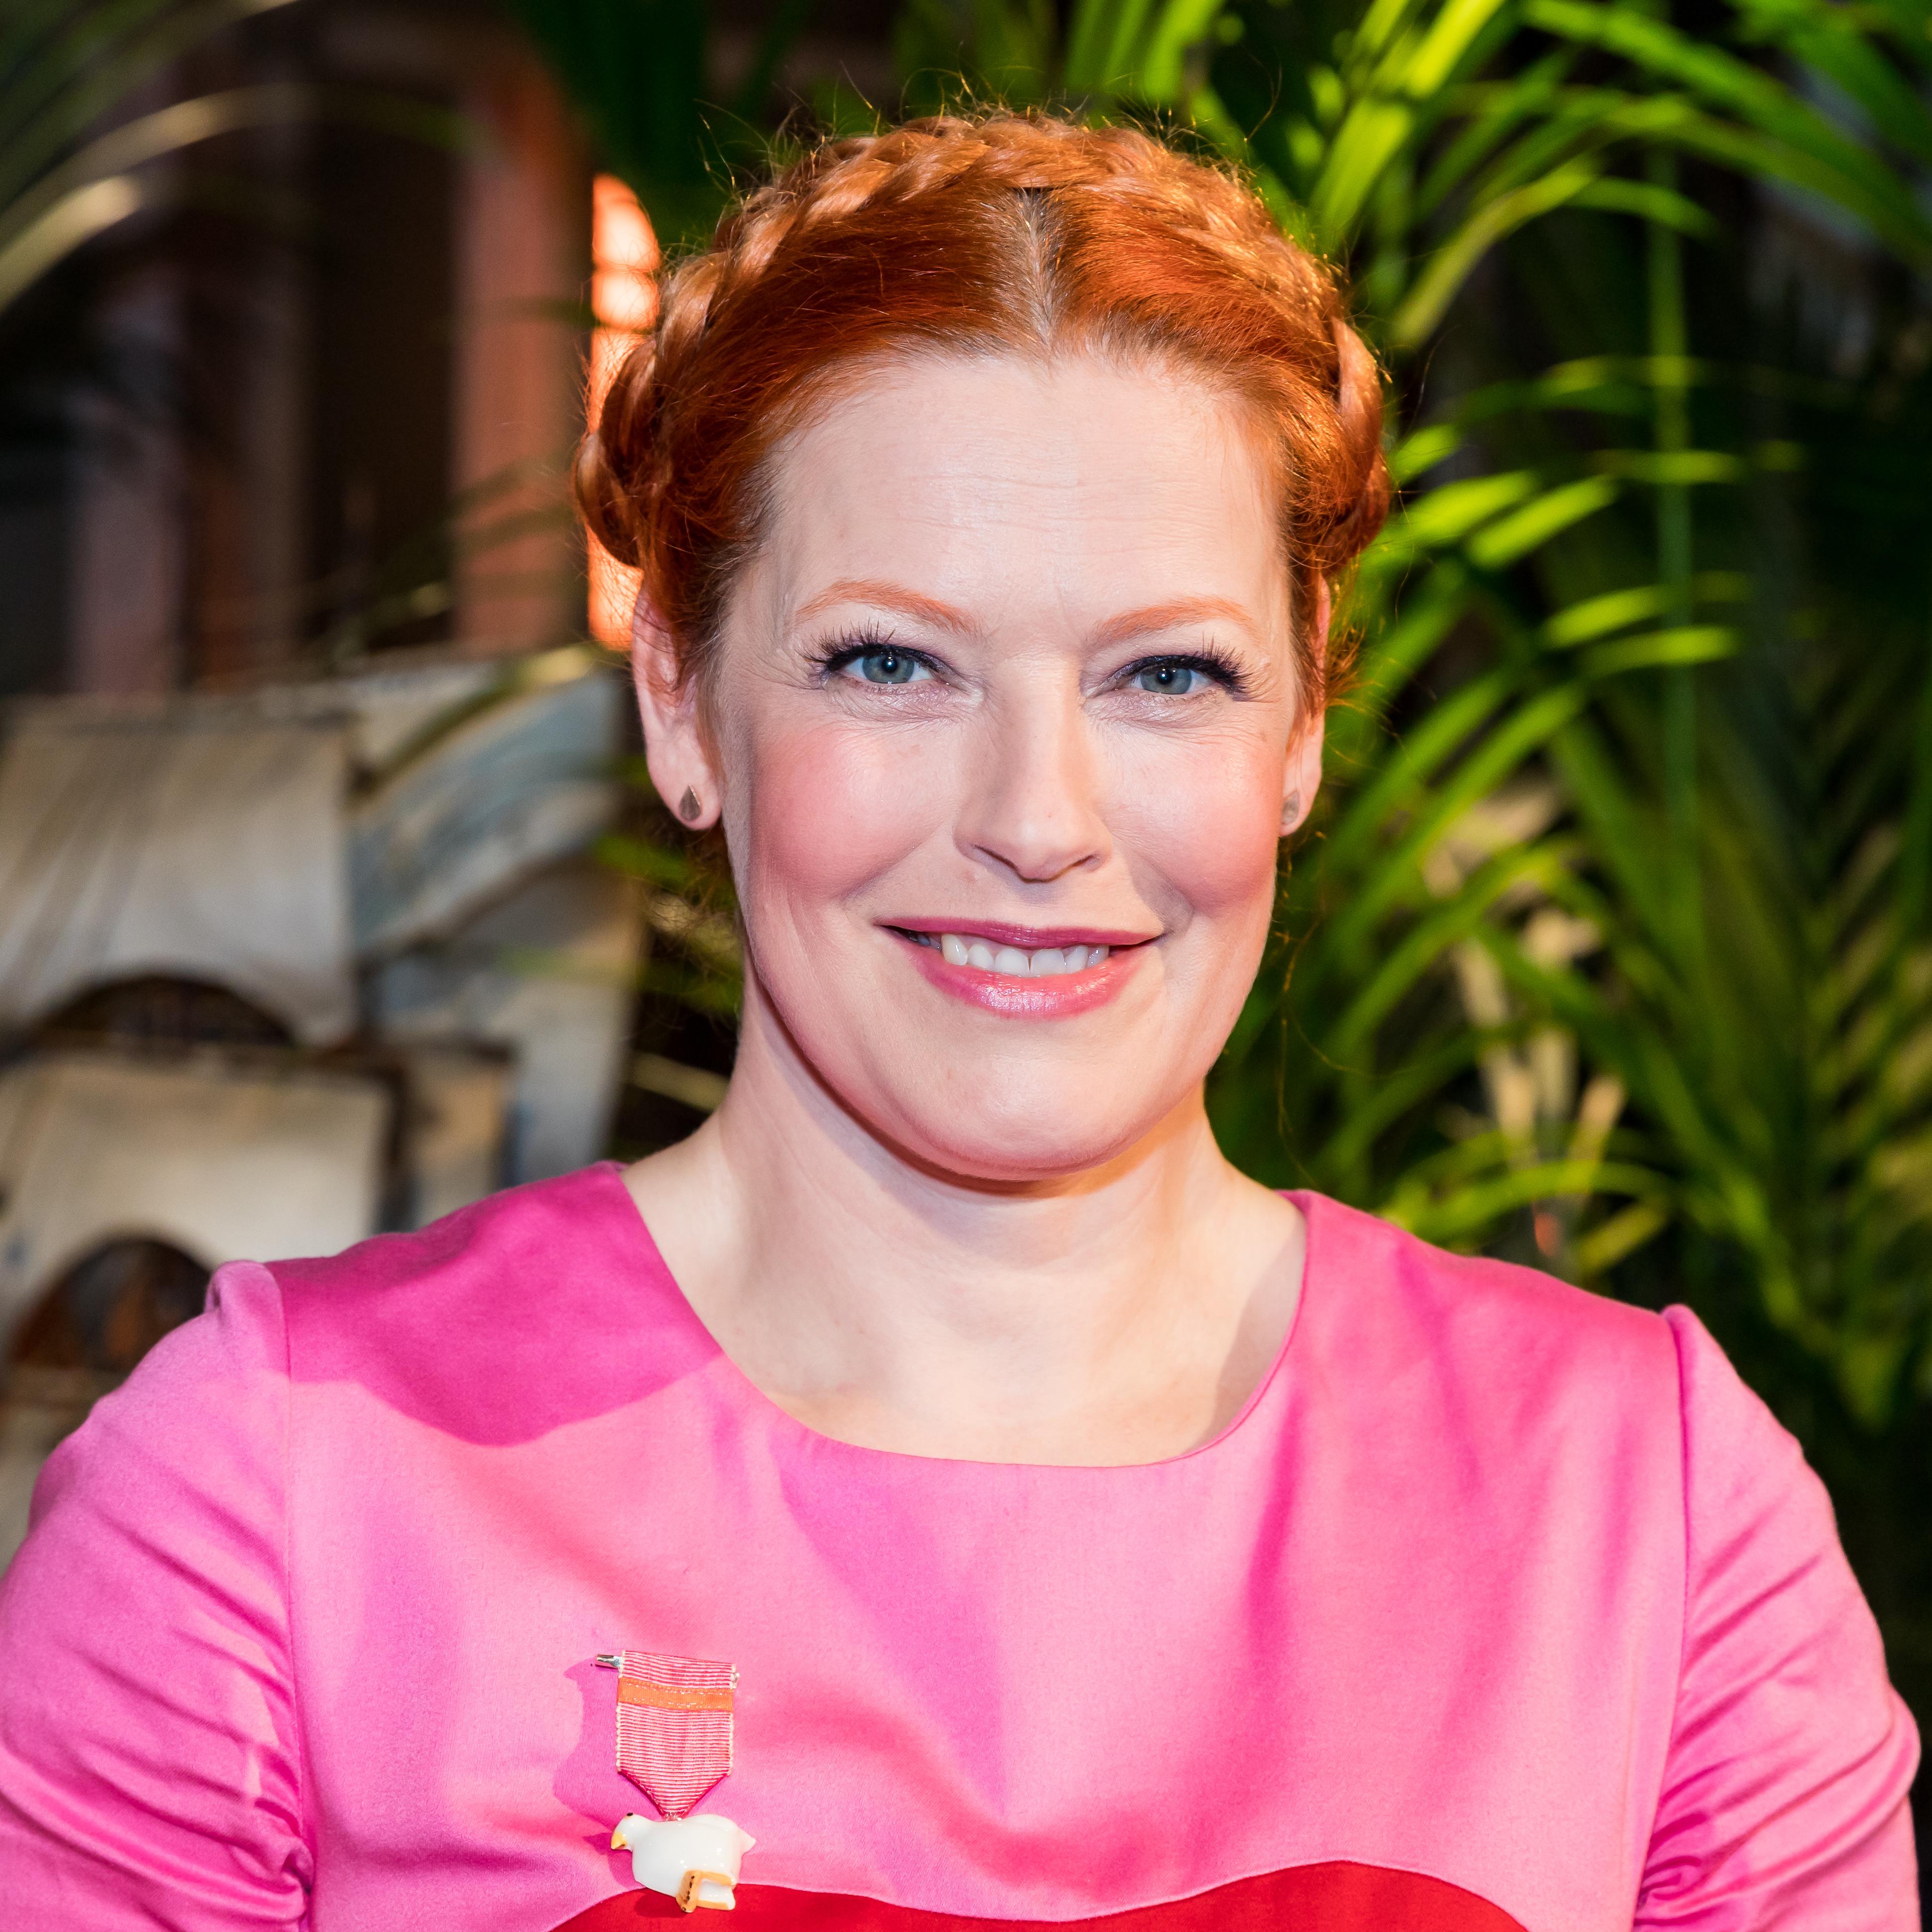 De 44-años, 168 cm de altura Enie van de Meiklokjes en 2018 foto